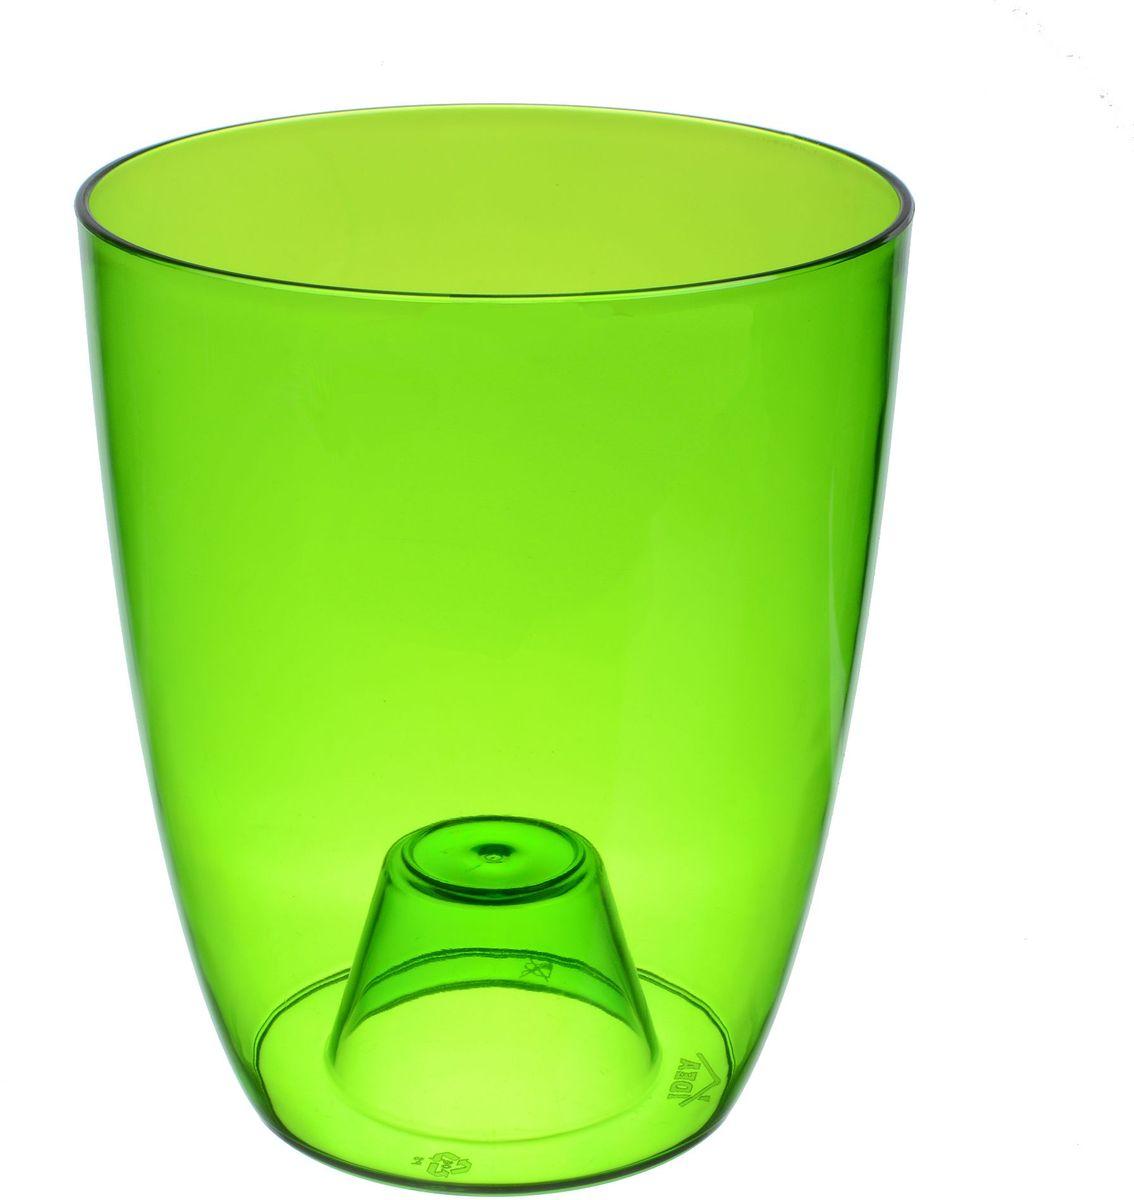 Кашпо Idea Орхидея, цвет: зеленый, прозрачный, диаметр 16 смМ 3149Кашпо Idea Орхидея изготовлено из прочного прозрачного полистирола (пластика). Изделие предназначено для выращивания растений и цветов в домашних условиях. Такое кашпо порадует вас современным дизайном и функциональностью, а также оригинально украсит интерьер помещения. Диаметр по верхнему краю: 16 см. Высота кашпо: 15 см.